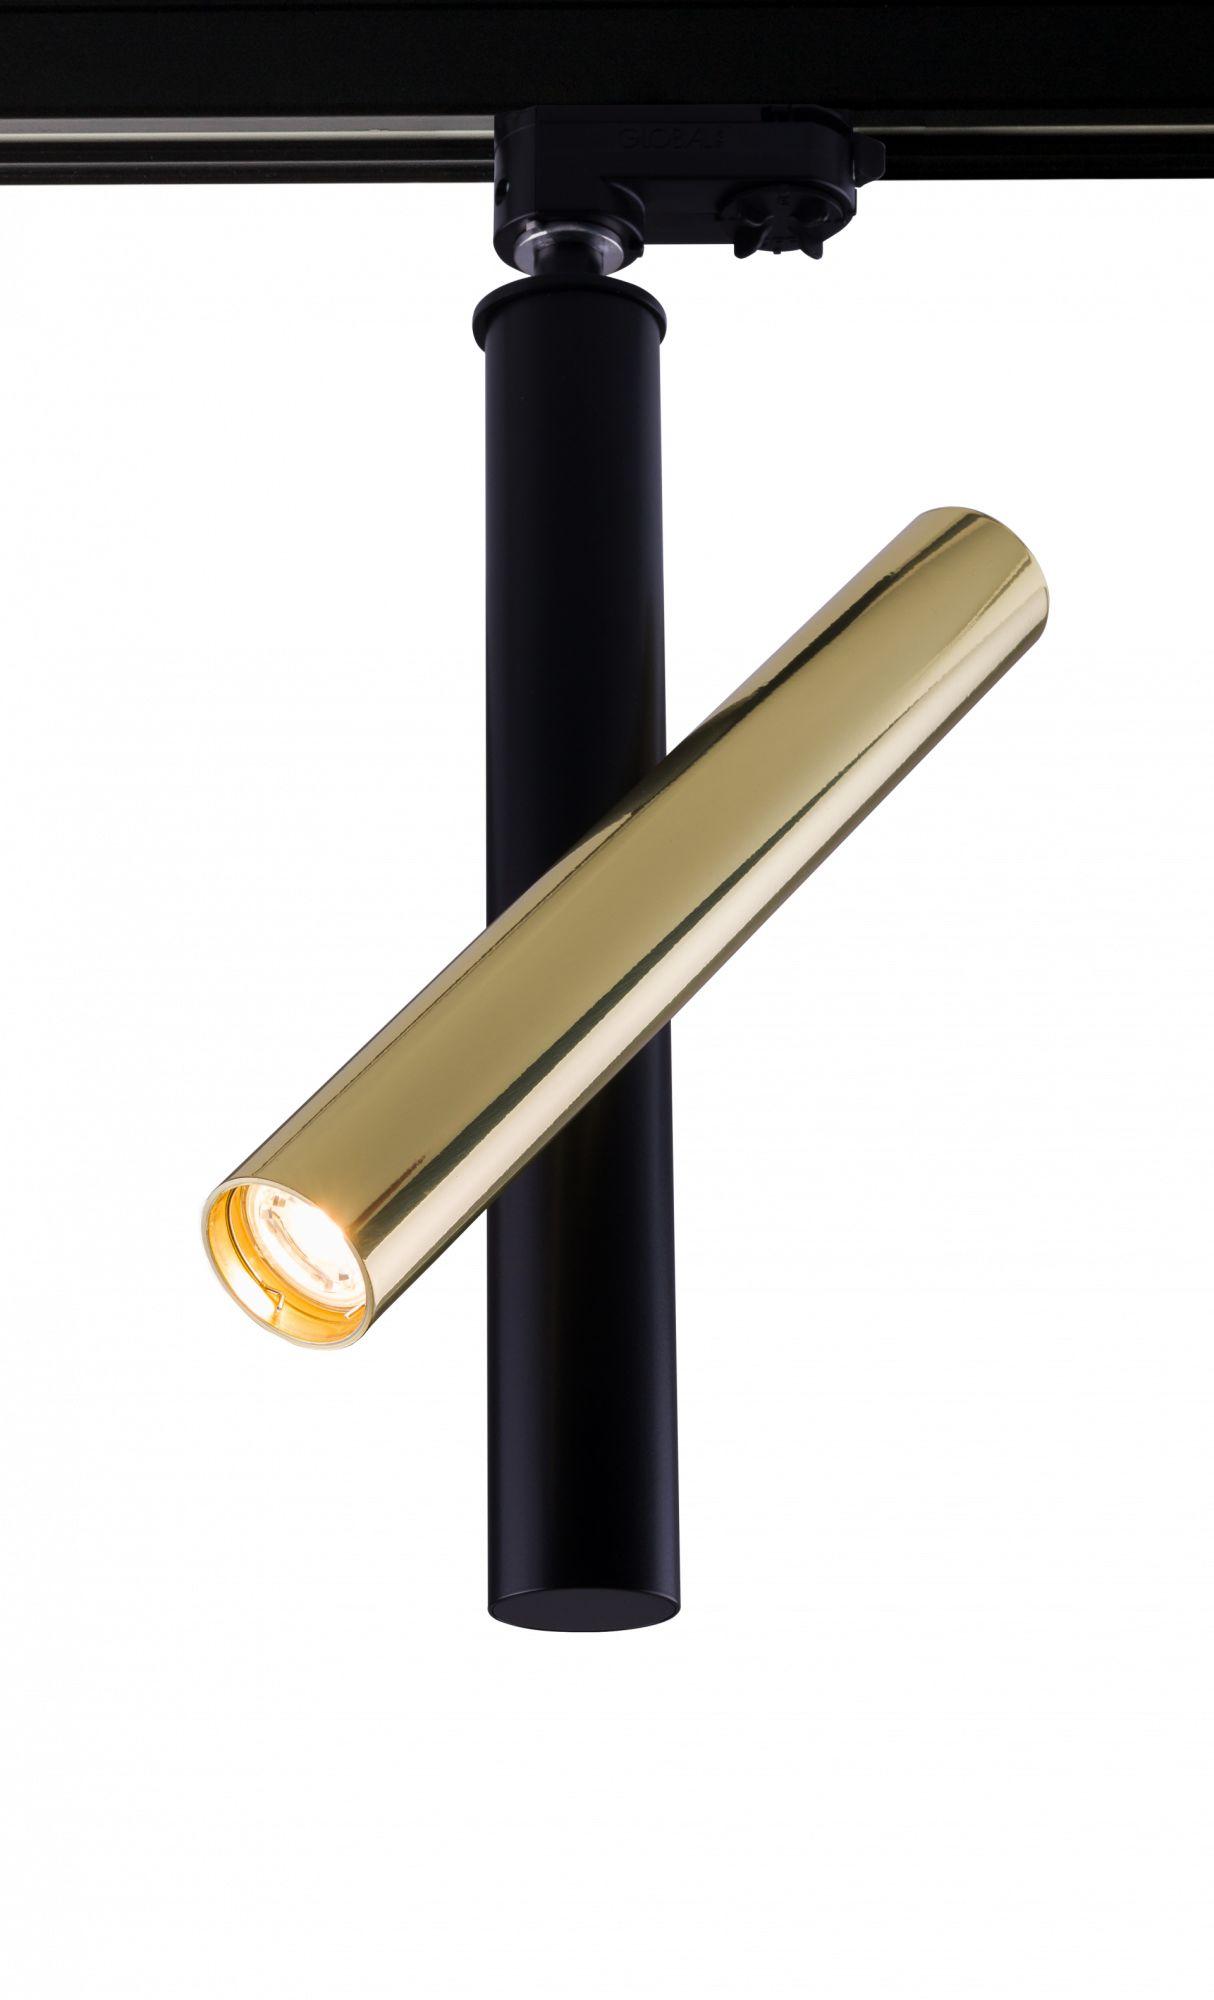 Reflektor do szynoprzewodu Akadi I Amplex minimalistyczna oprawa w nowoczesnym stylu